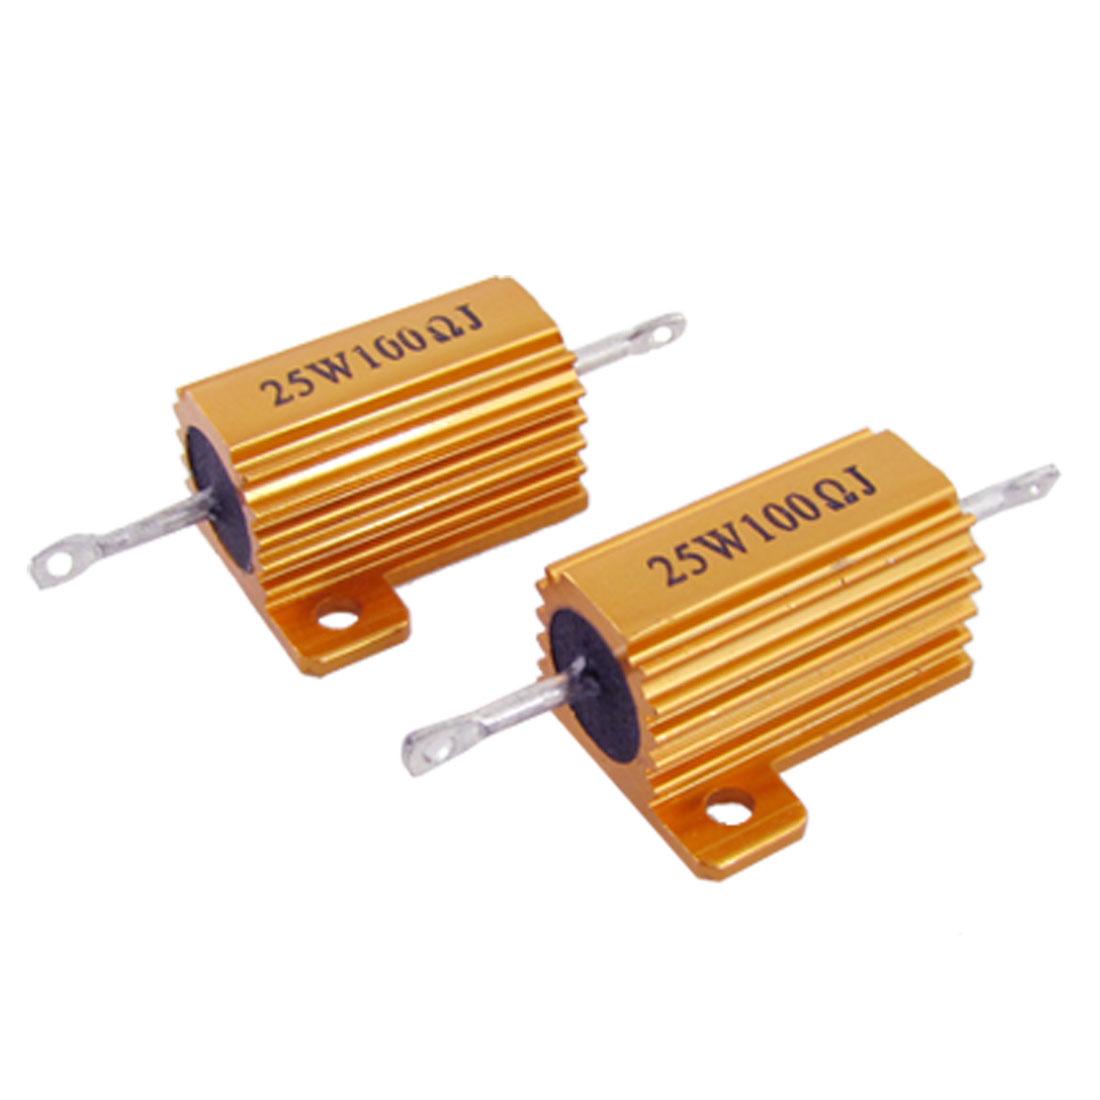 Gold Tone 25W 100 Ohm 5% Aluminum Clad Wire Wound Resistors 2 Pcs